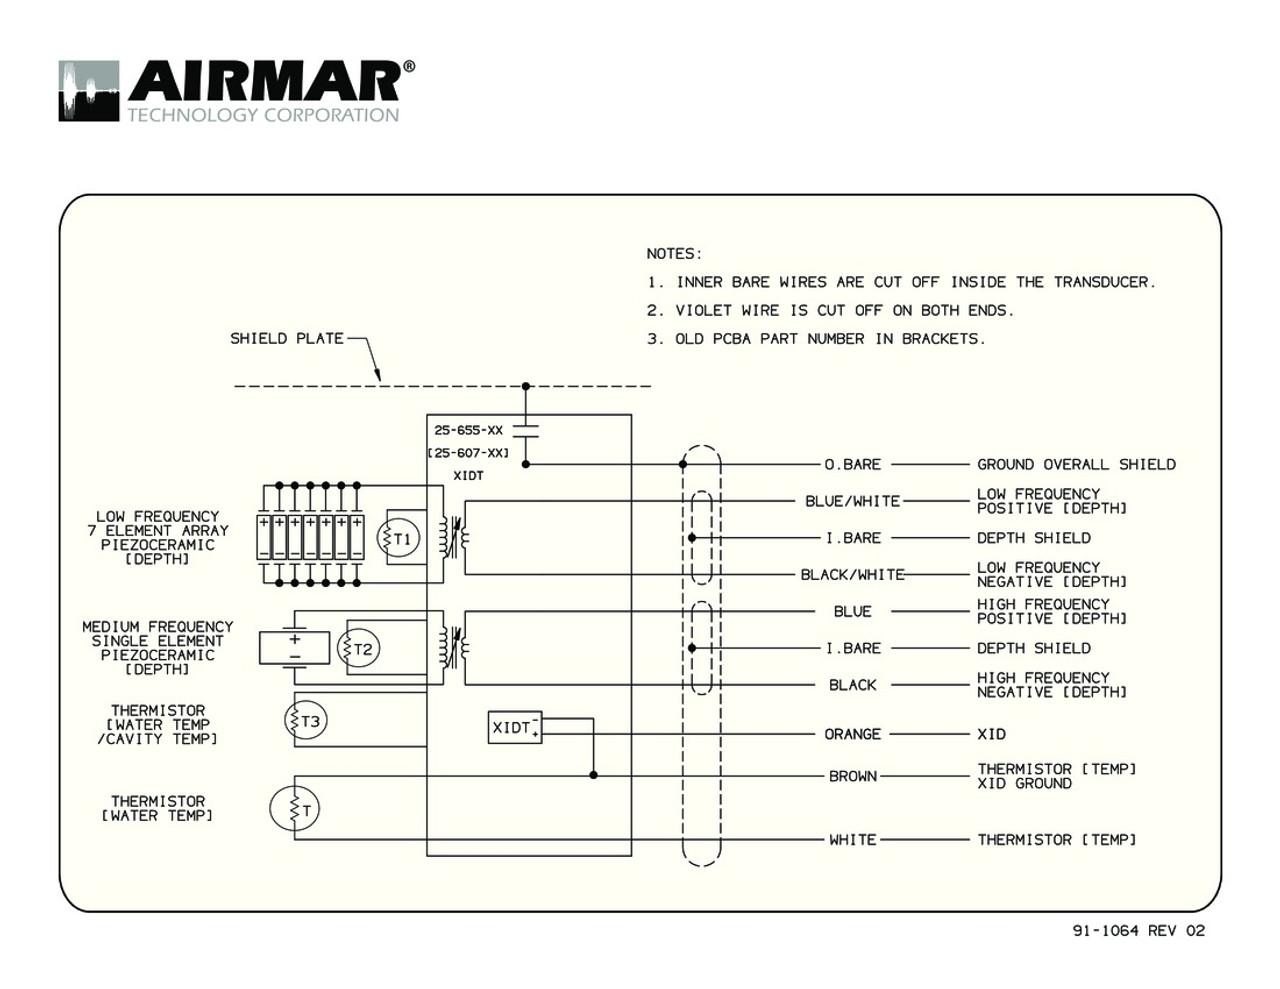 airmar wiring diagram tm265lm blue bottle marine airmar transducer wiring diagram tm265c lm with bare wire [ 1100 x 850 Pixel ]